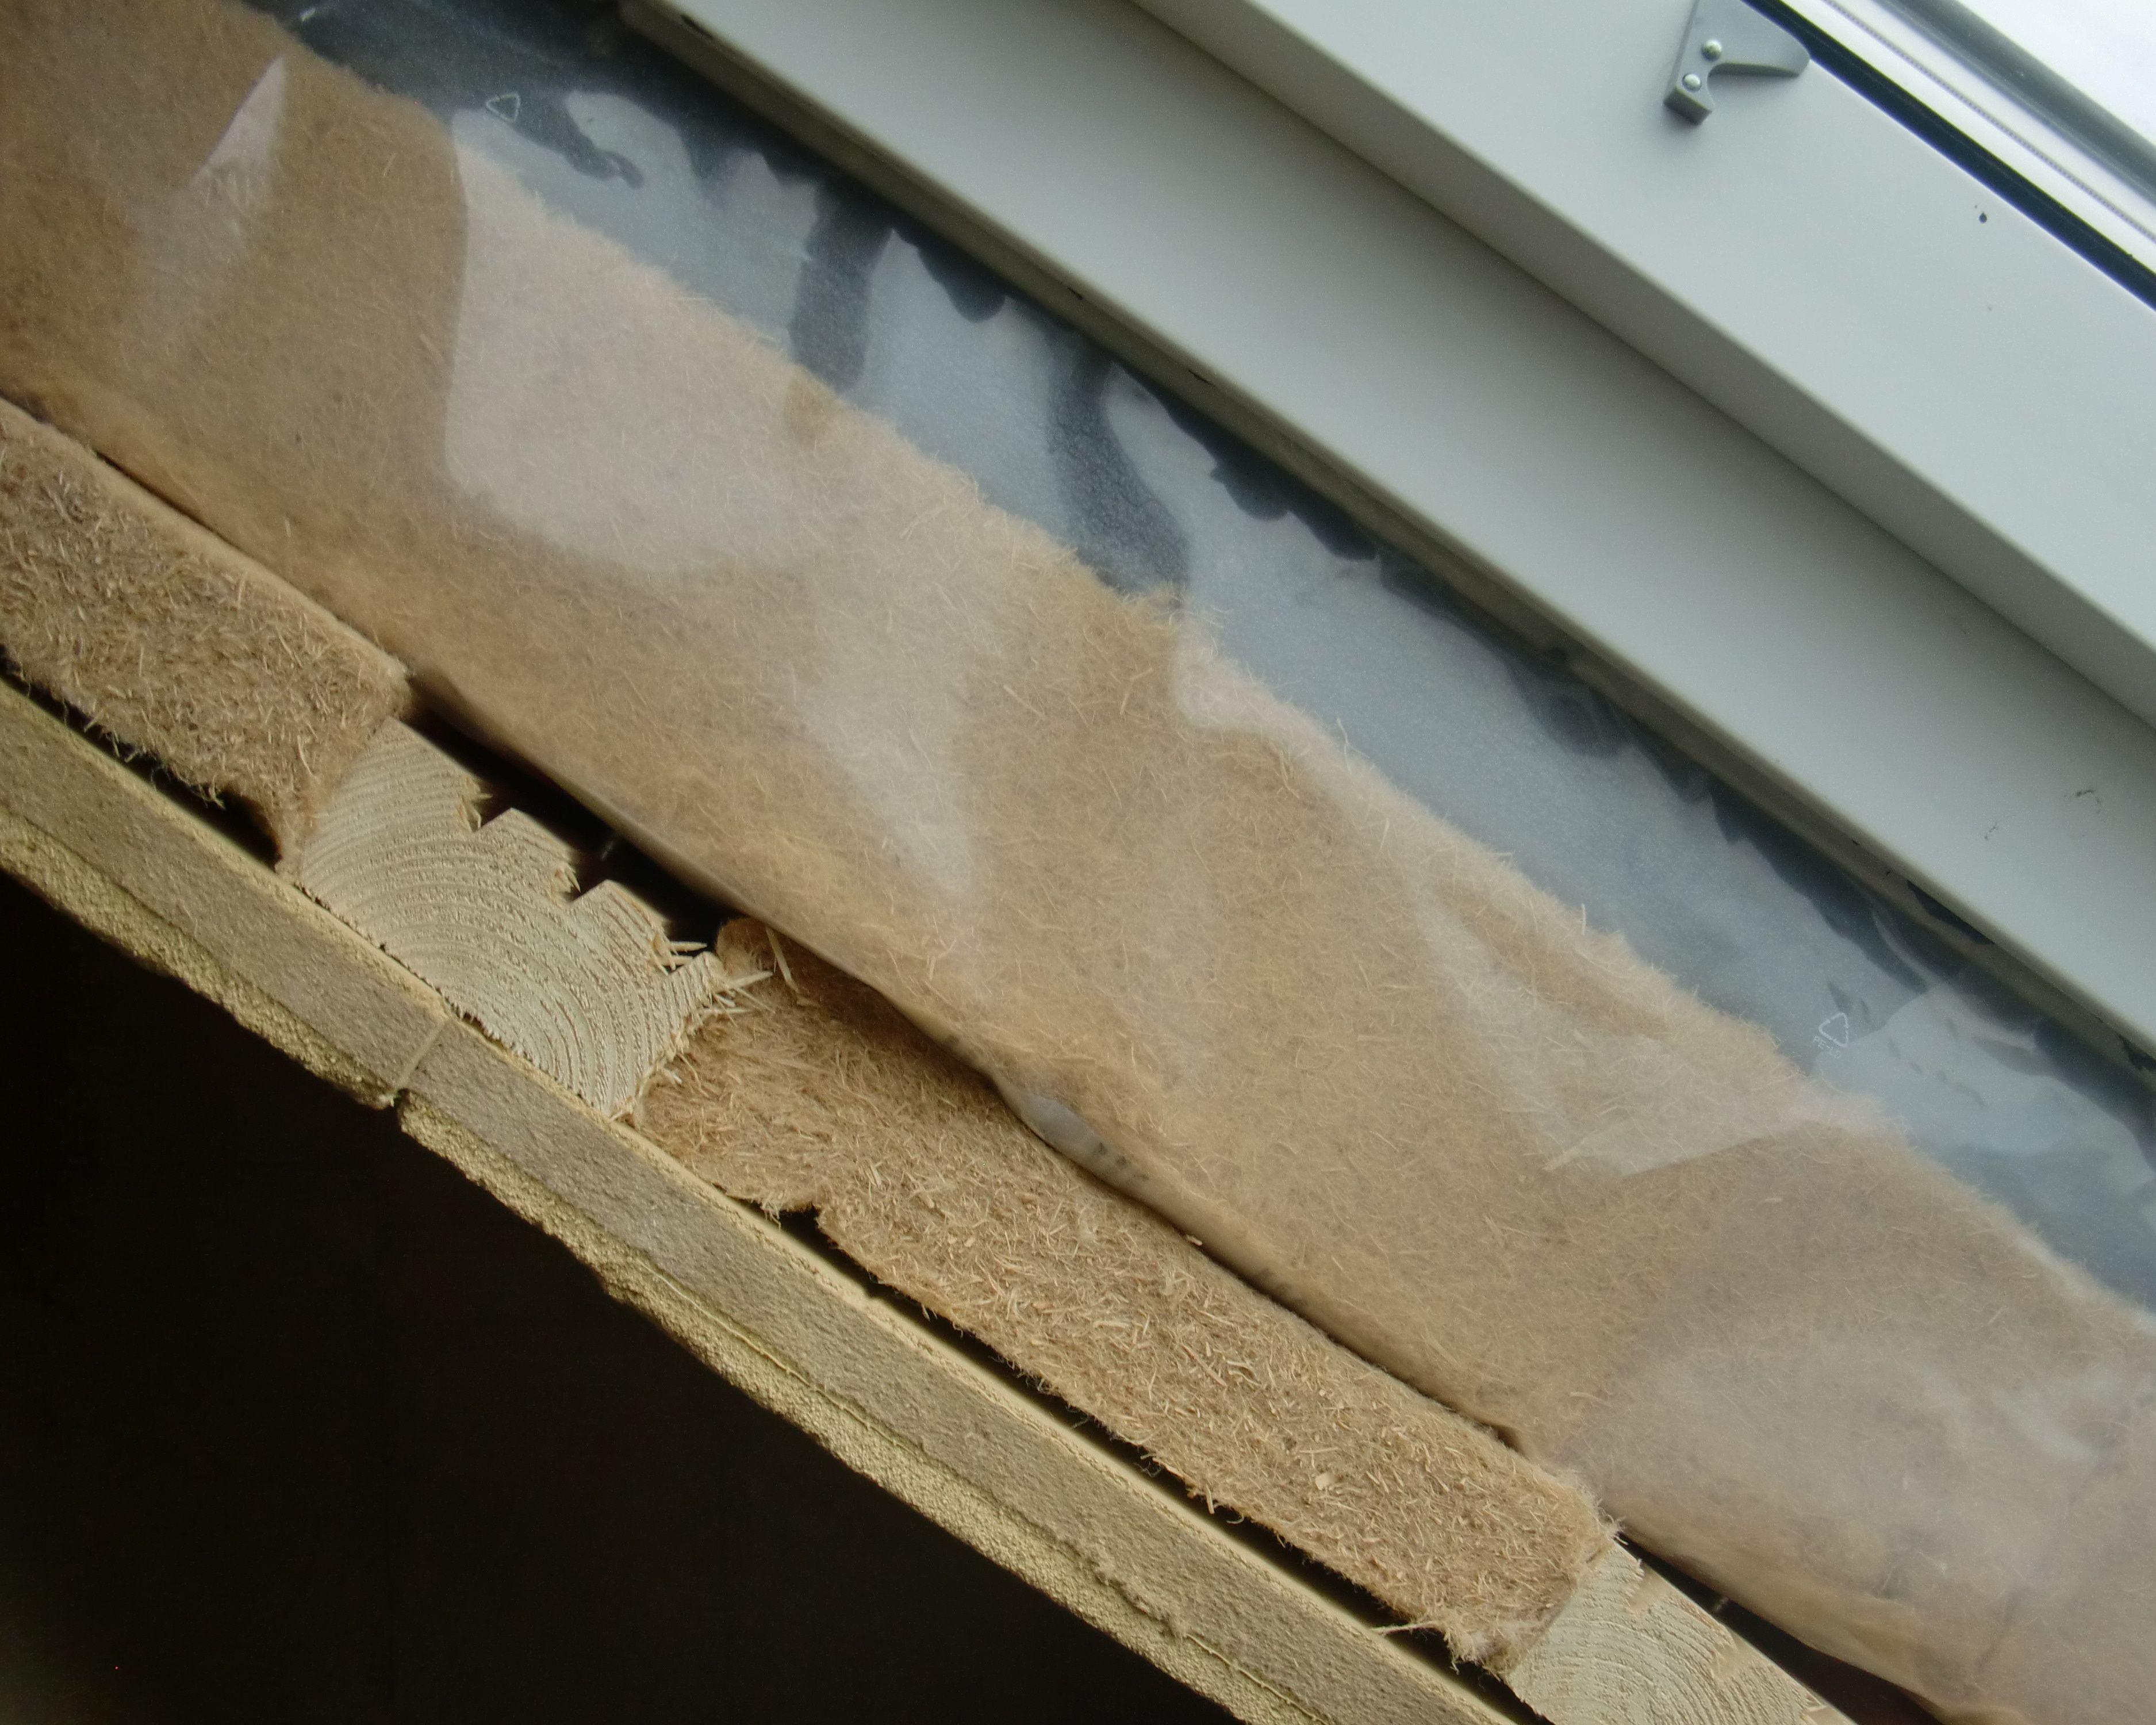 Bei diesem Dachgeschoßausbau wurden folgende Dämmschichten verbaut: Holzfaser im Sparrenzwischenraum und als Untersparrendämmung als raumseitiger Abschluss eine Lehmbauplatte mit Holzfaserdämmkern.